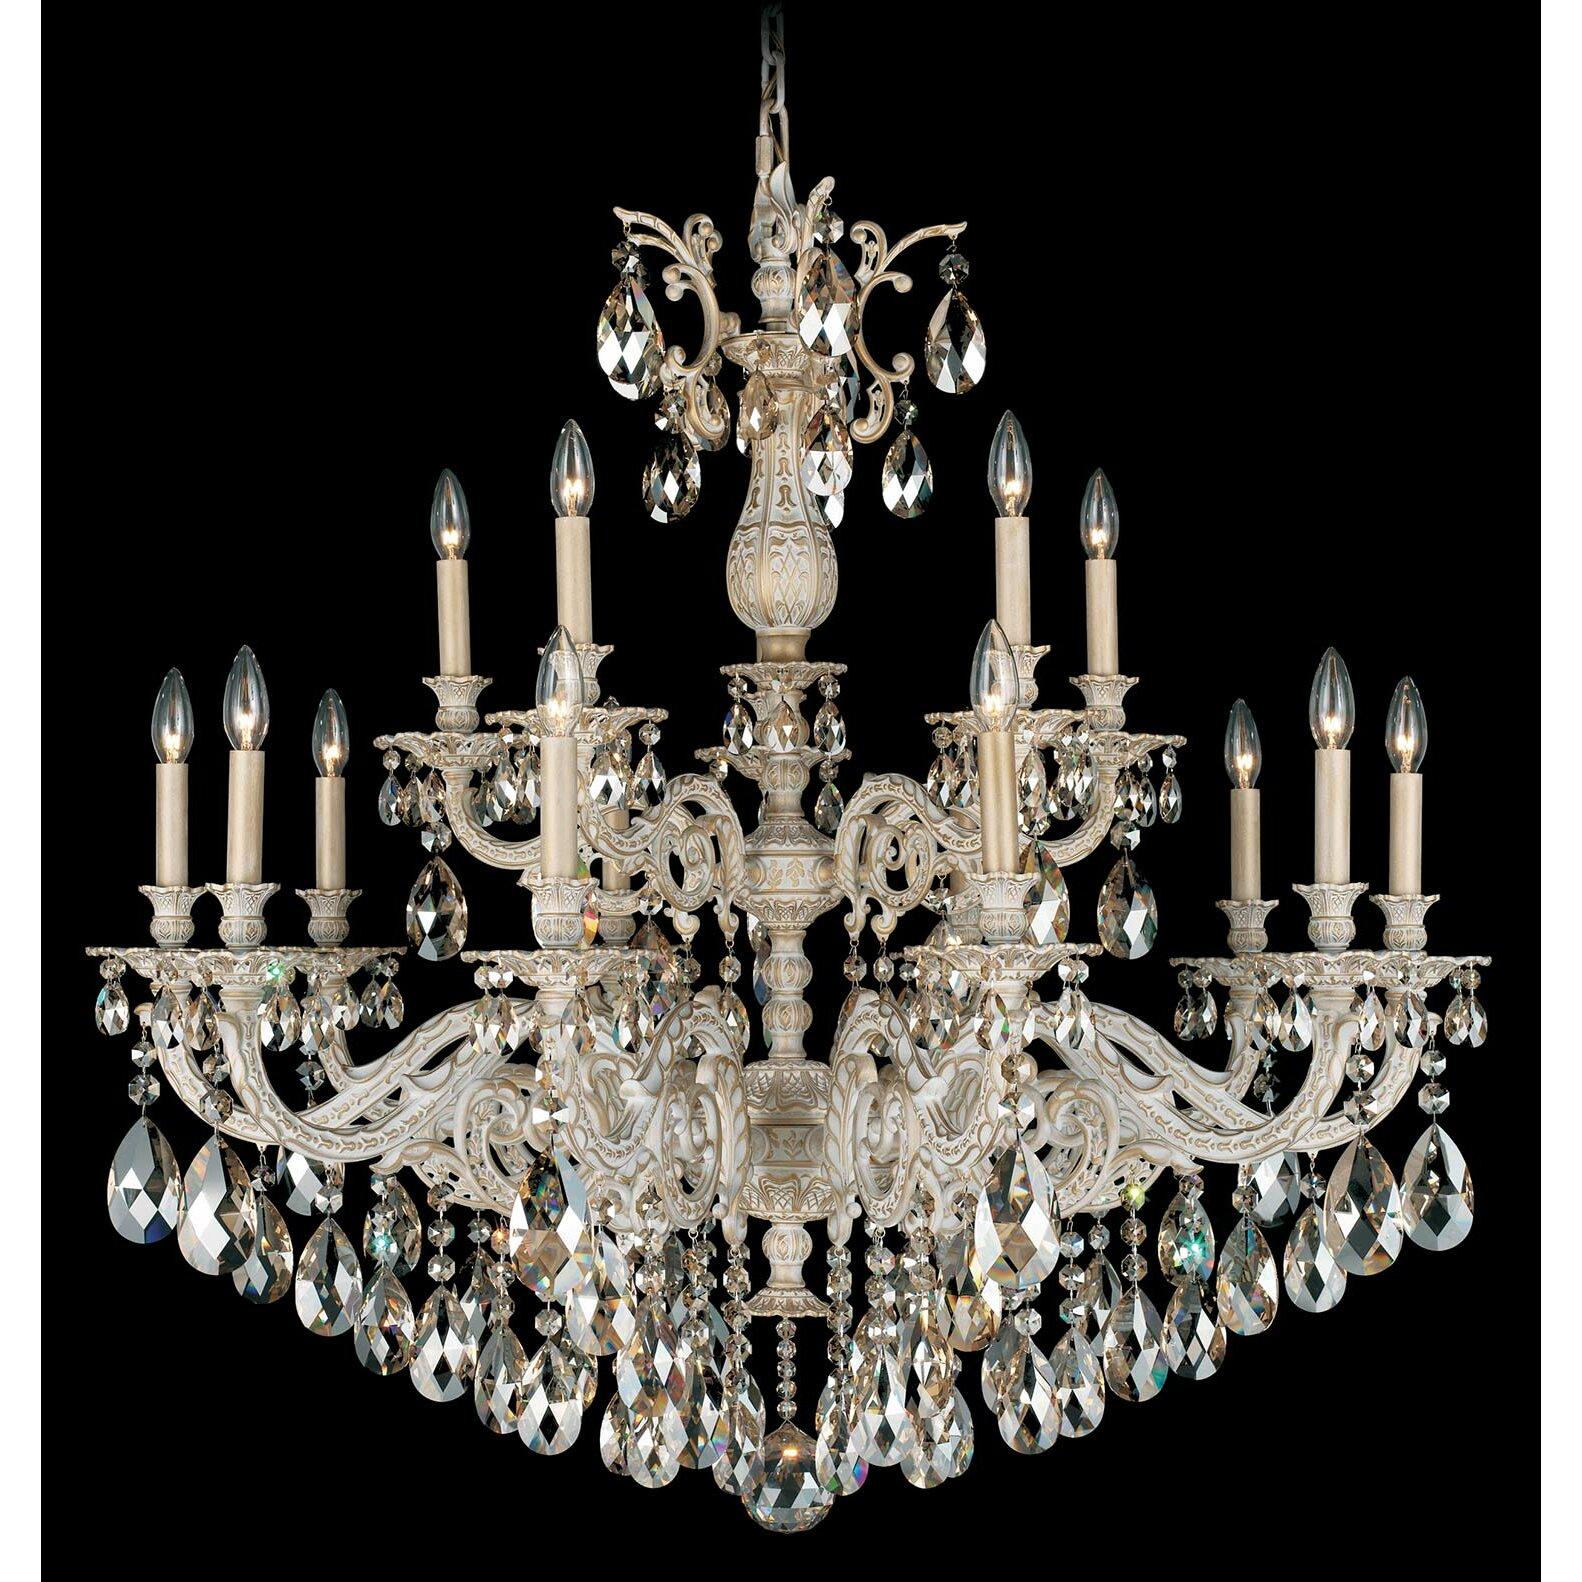 Schonbek Chandelier Wayfair: Milano 15 Light Crystal Chandelier